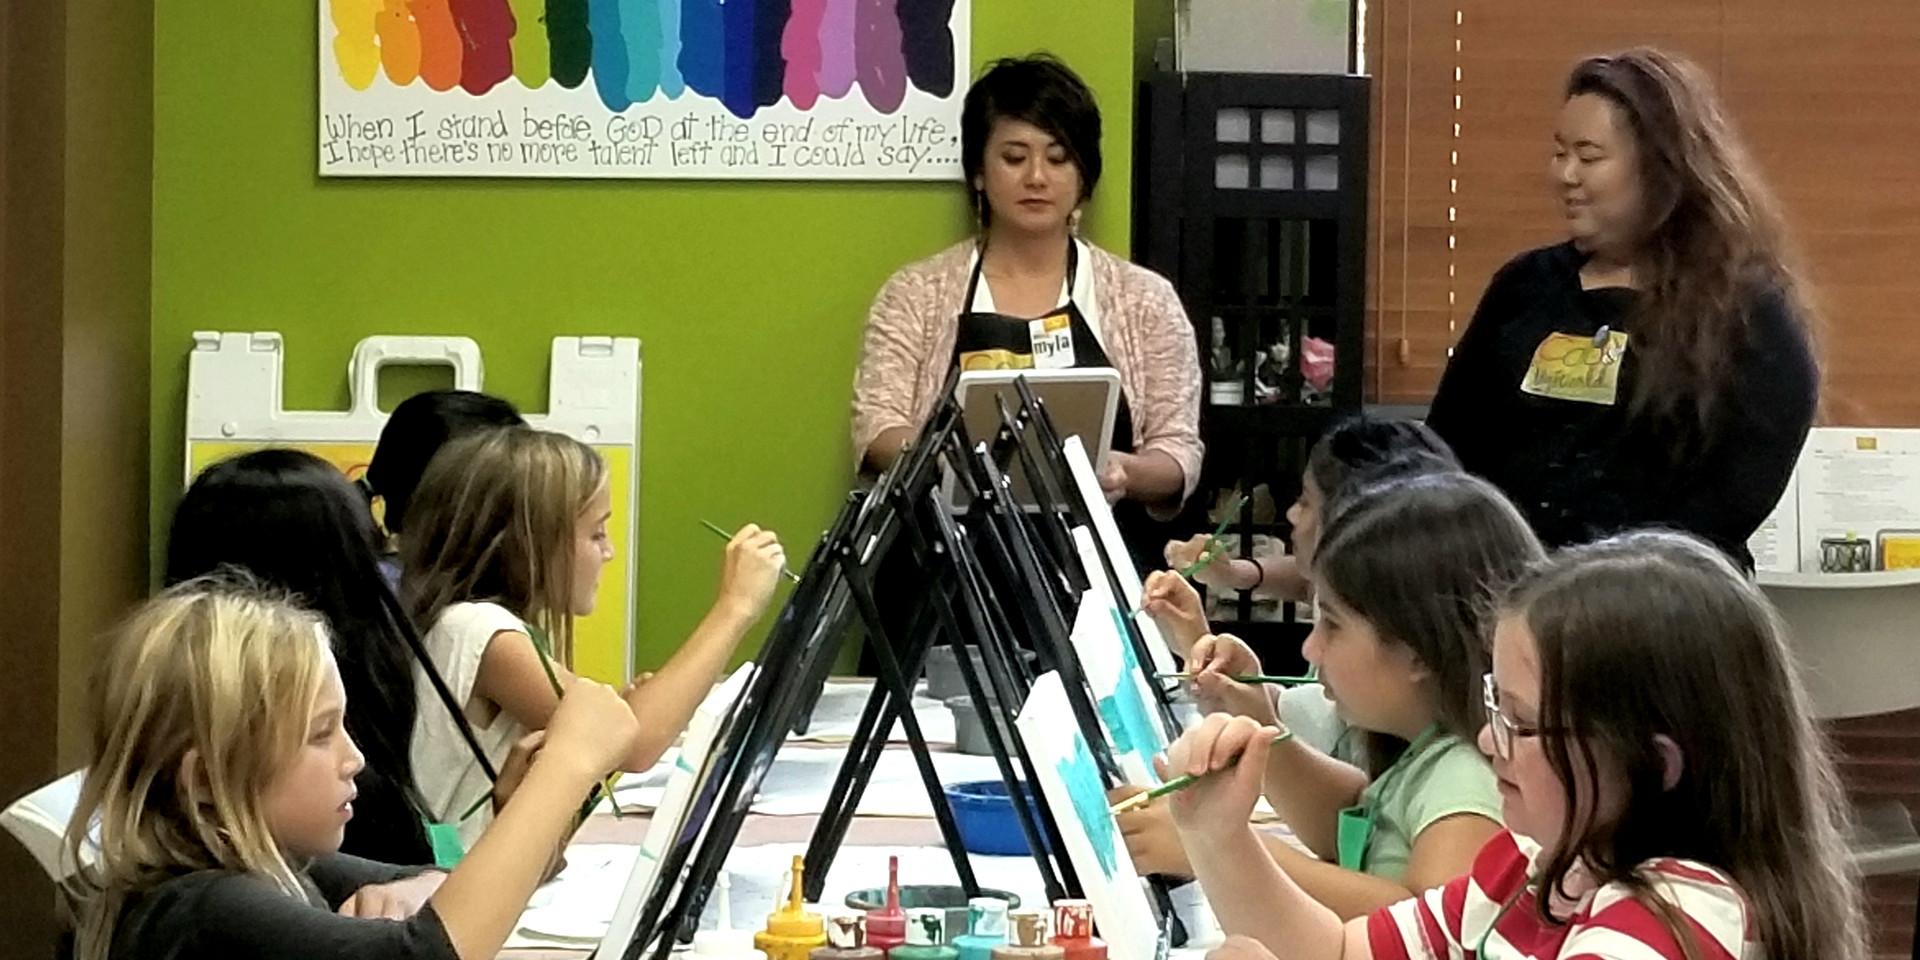 open canvas art paint party